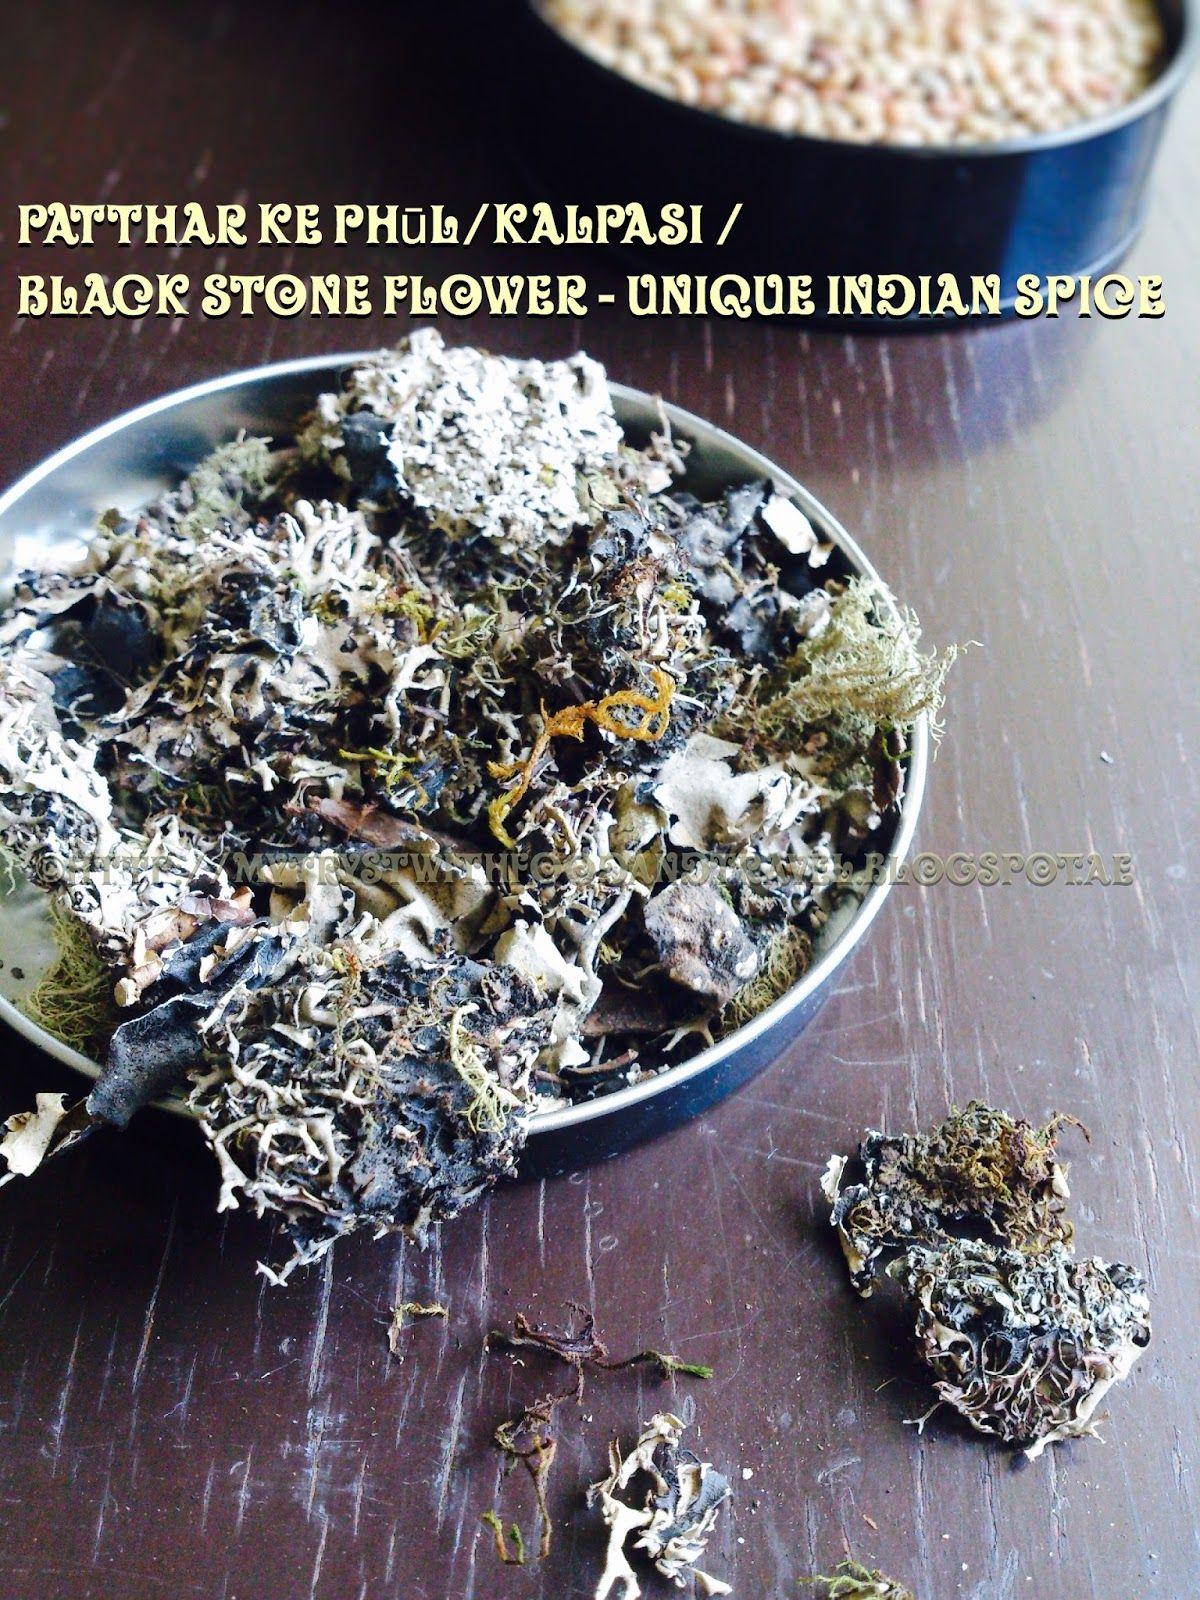 Black Stone Flower/Dagad Phool/Pathar Ke Phool/Kalpasi